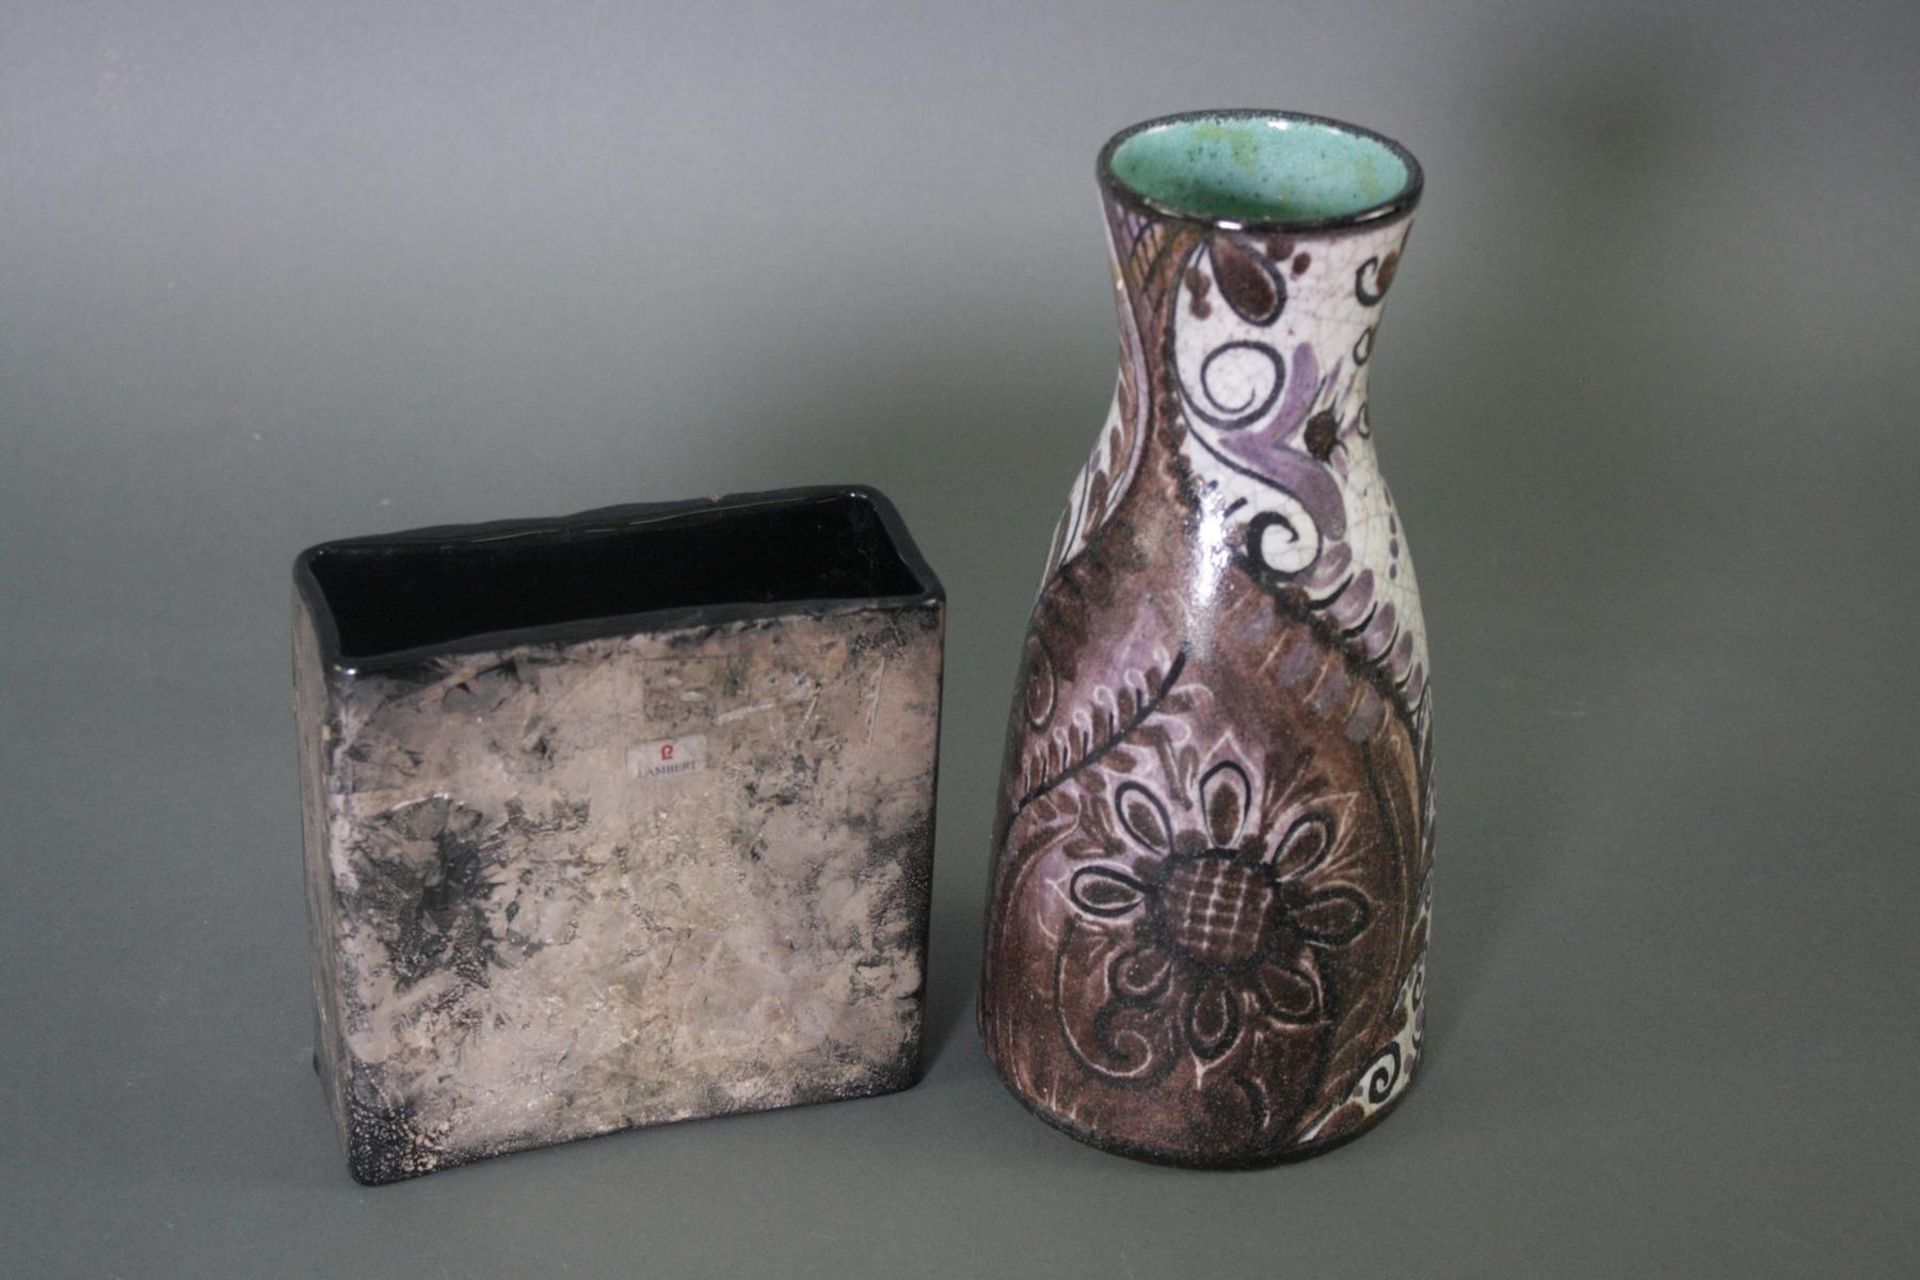 Zwei Keramik Vasen, Gunther Lambert und Eder Gmunden